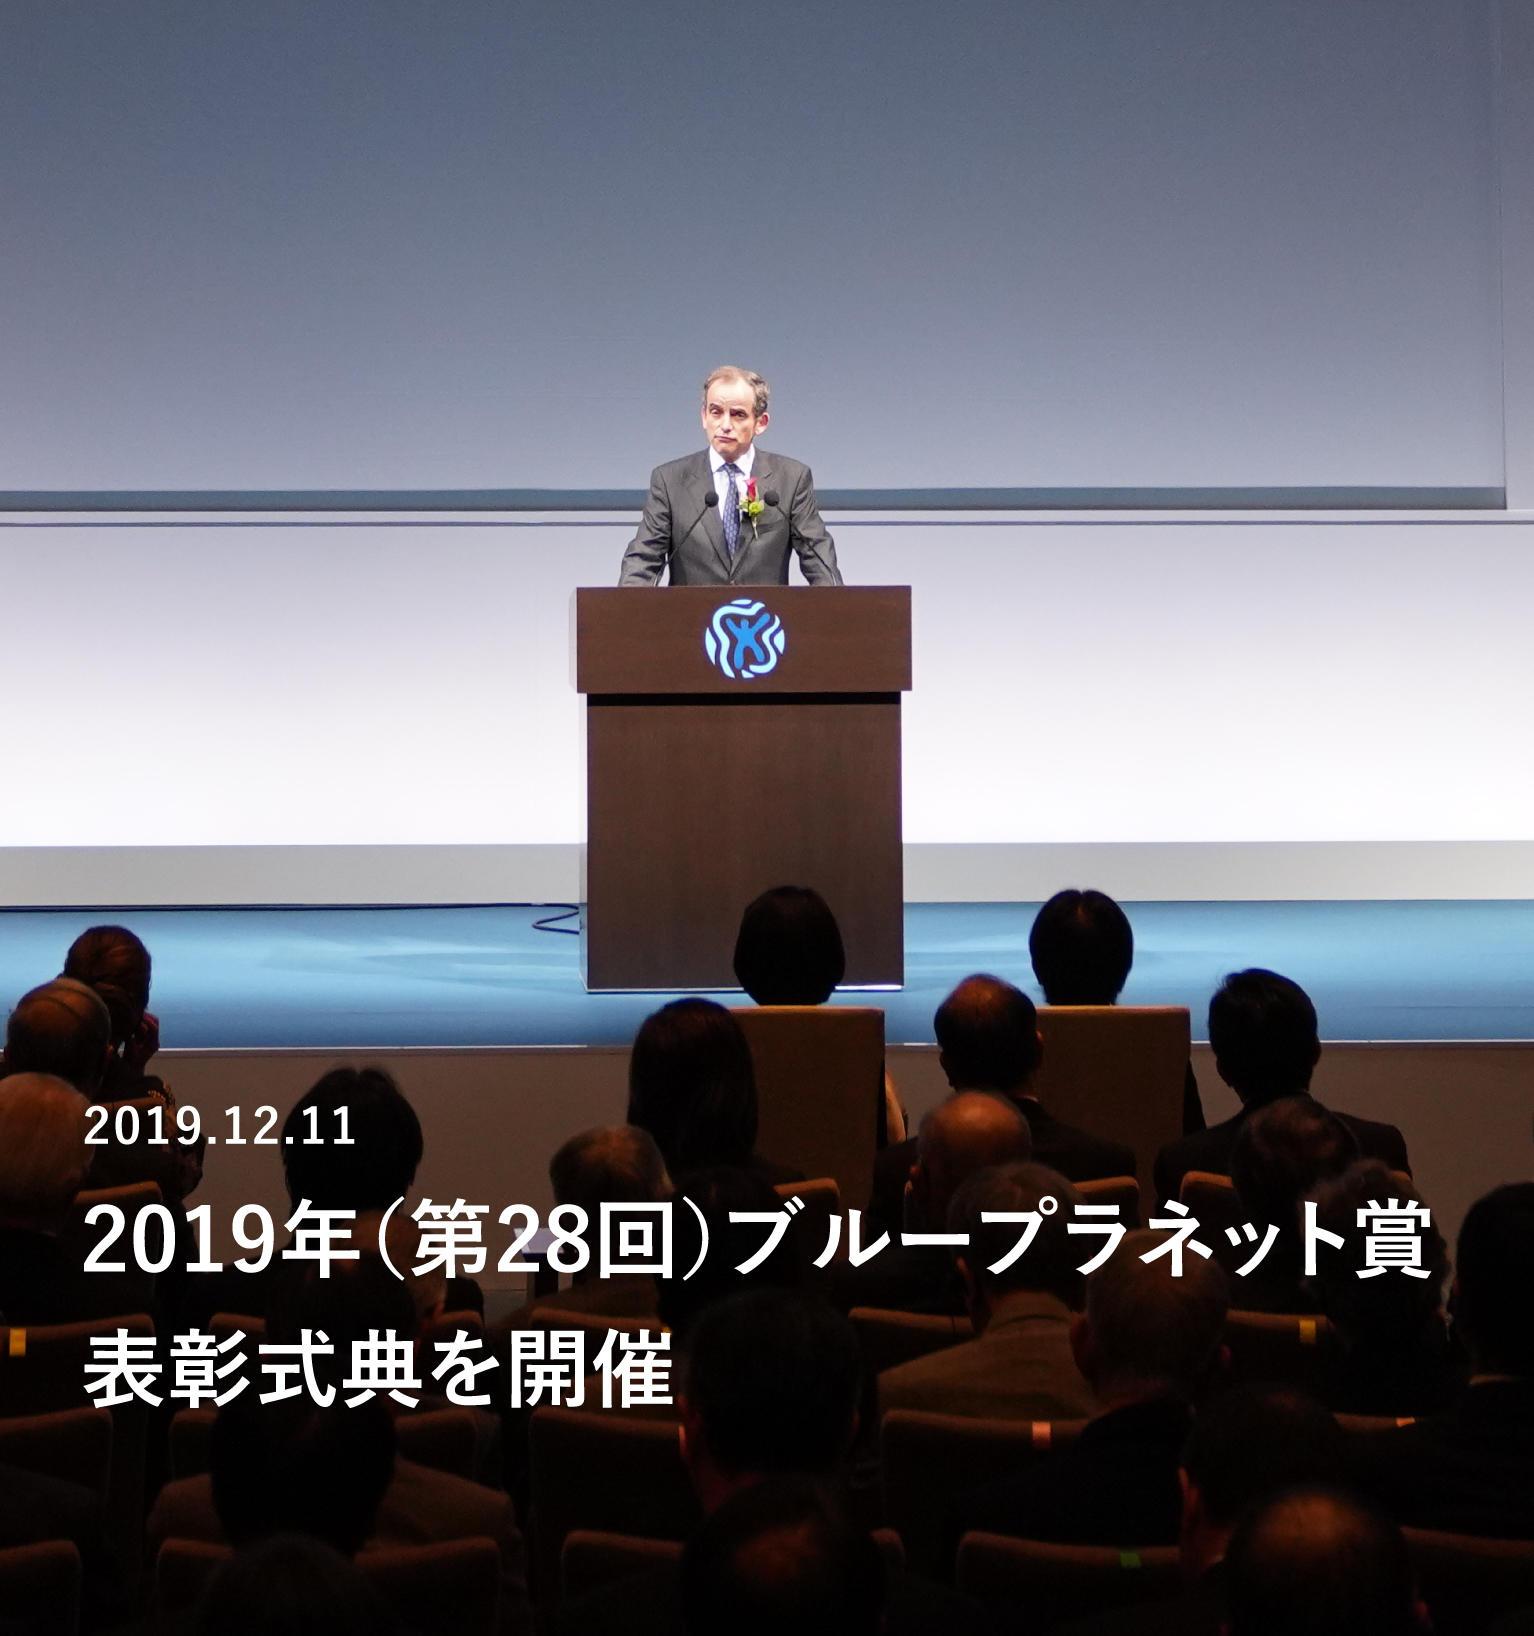 2019年(第28回)ブループラネット賞の表彰式典を開催しました。